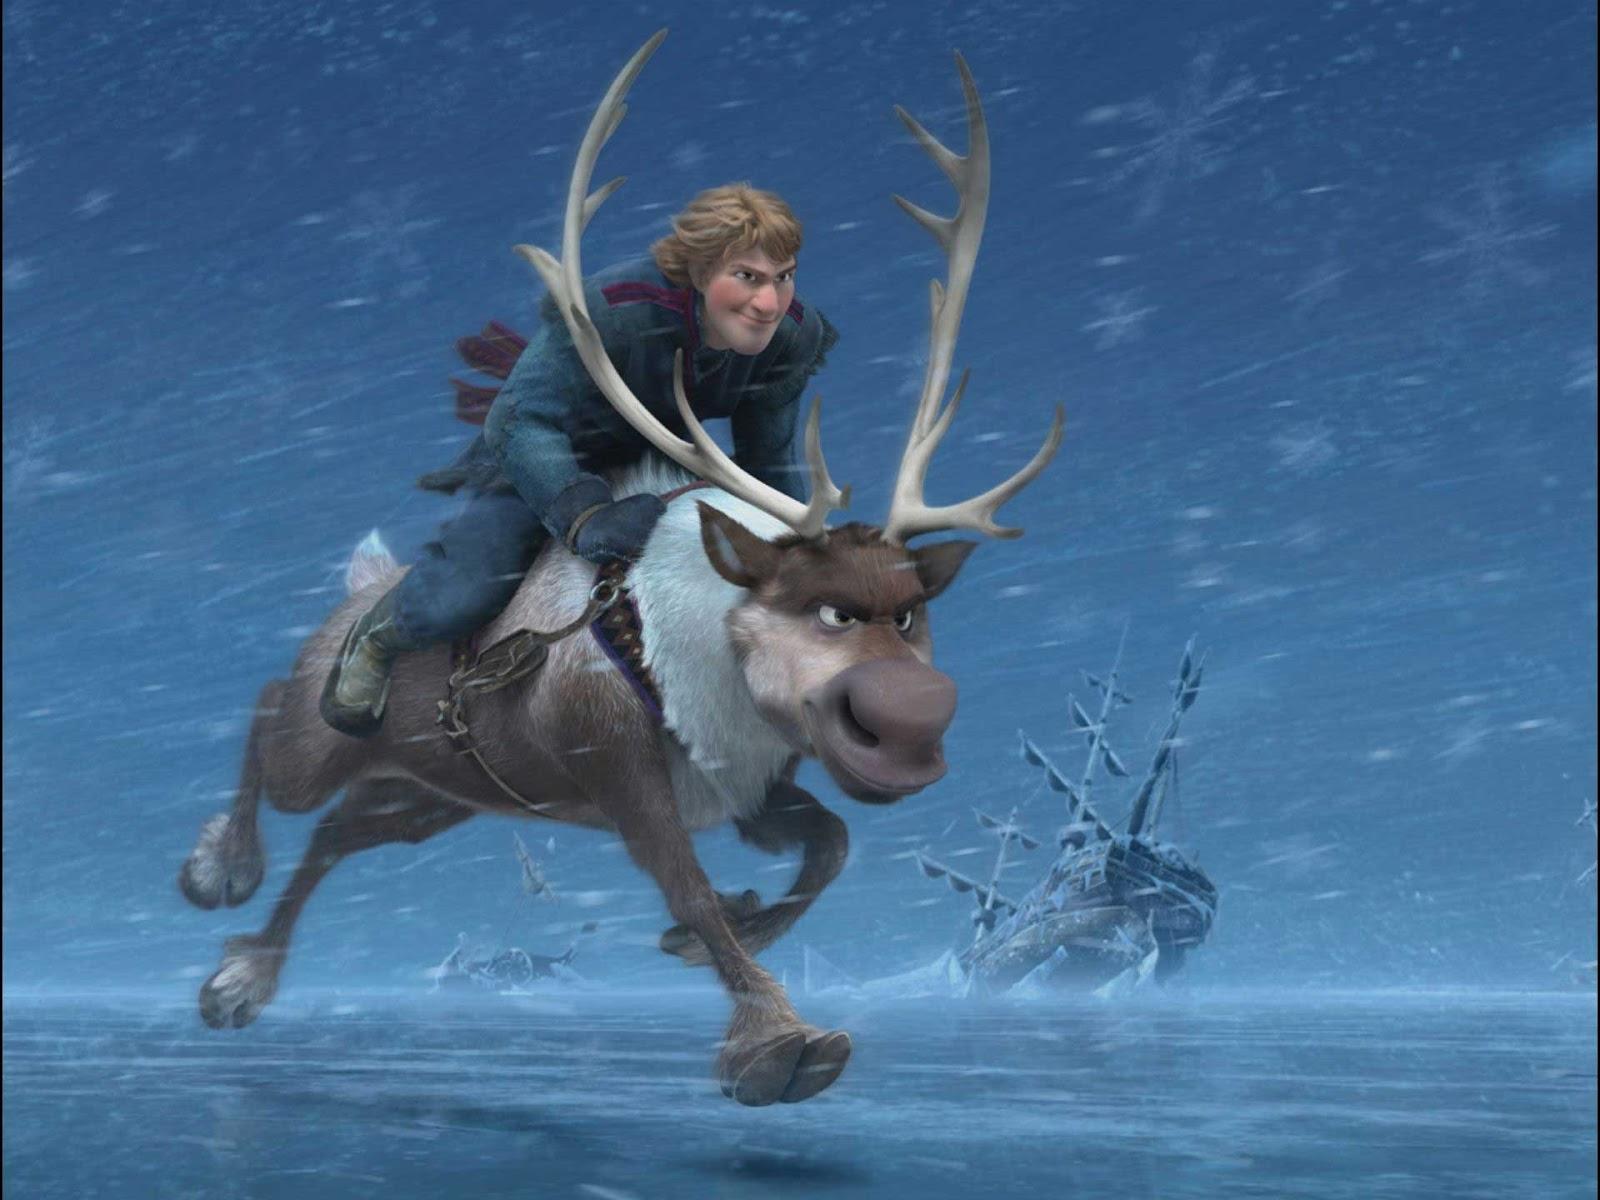 frozen fever full movie